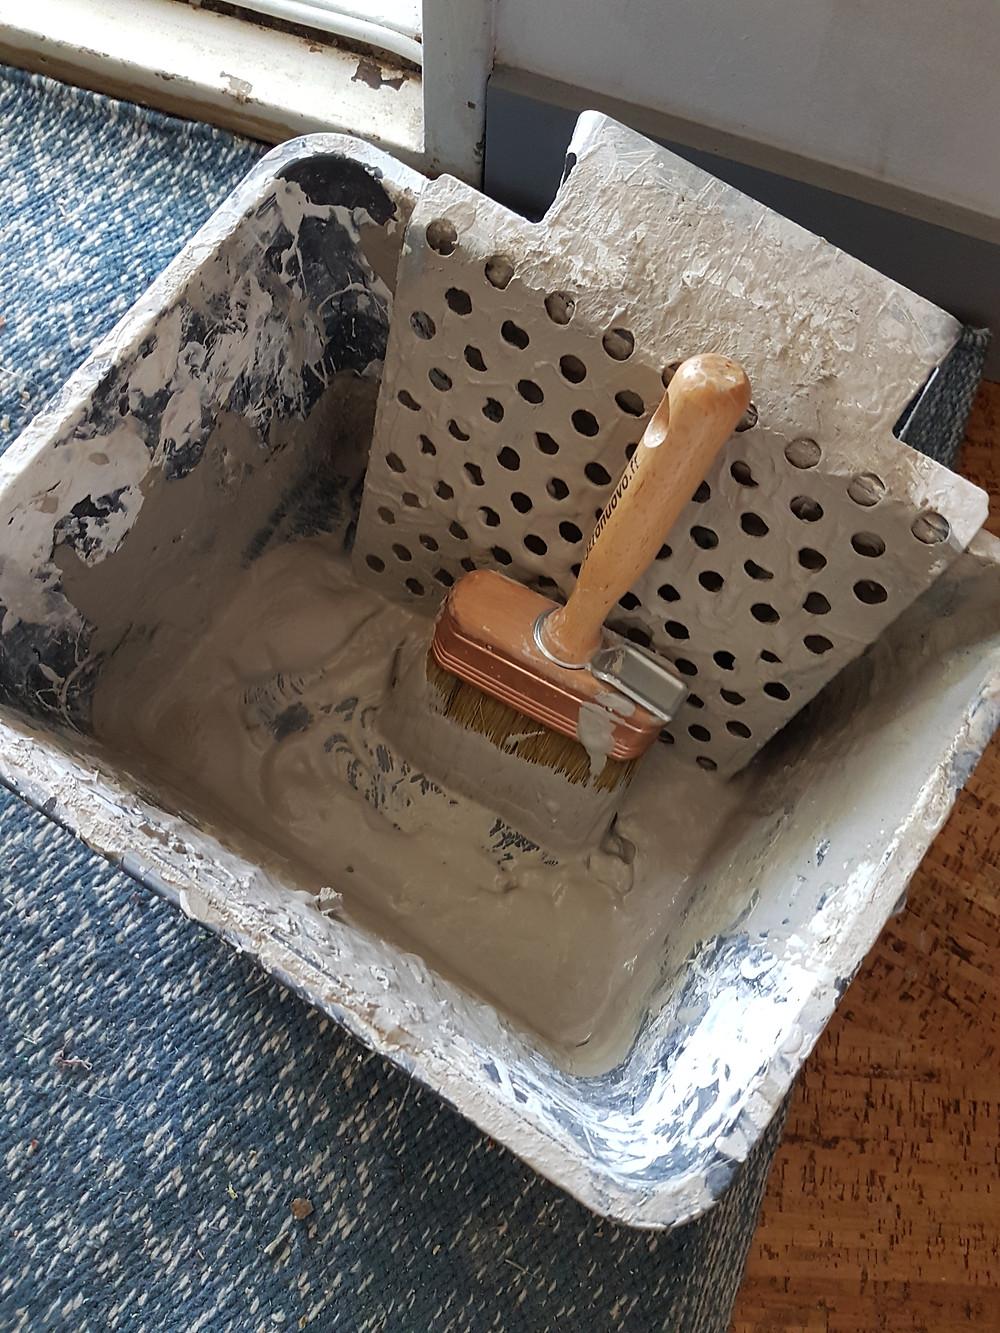 Peinture naturelle argile application facile décoration intérieure naturelle minérale bas carbone matériaux naturels rénovation maison Emily Peterson eco construction la rochelle